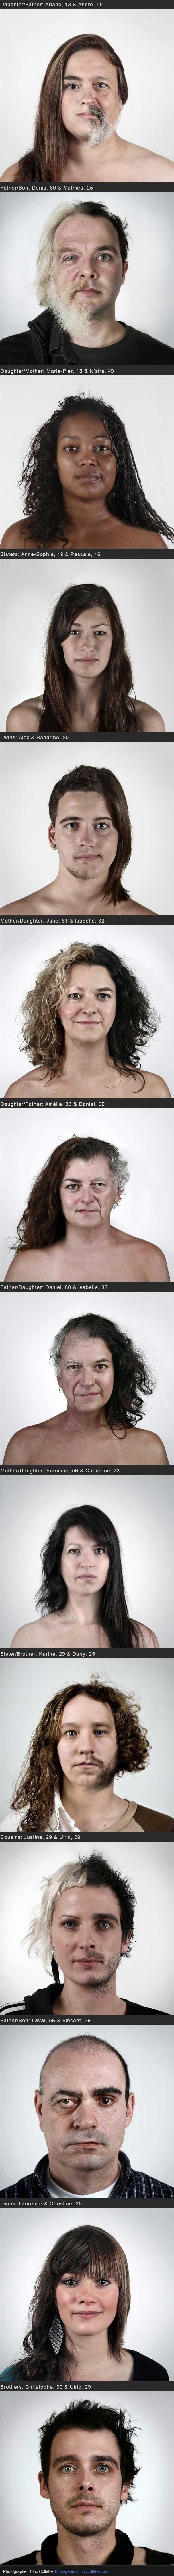 Genetics. So freakin cool.